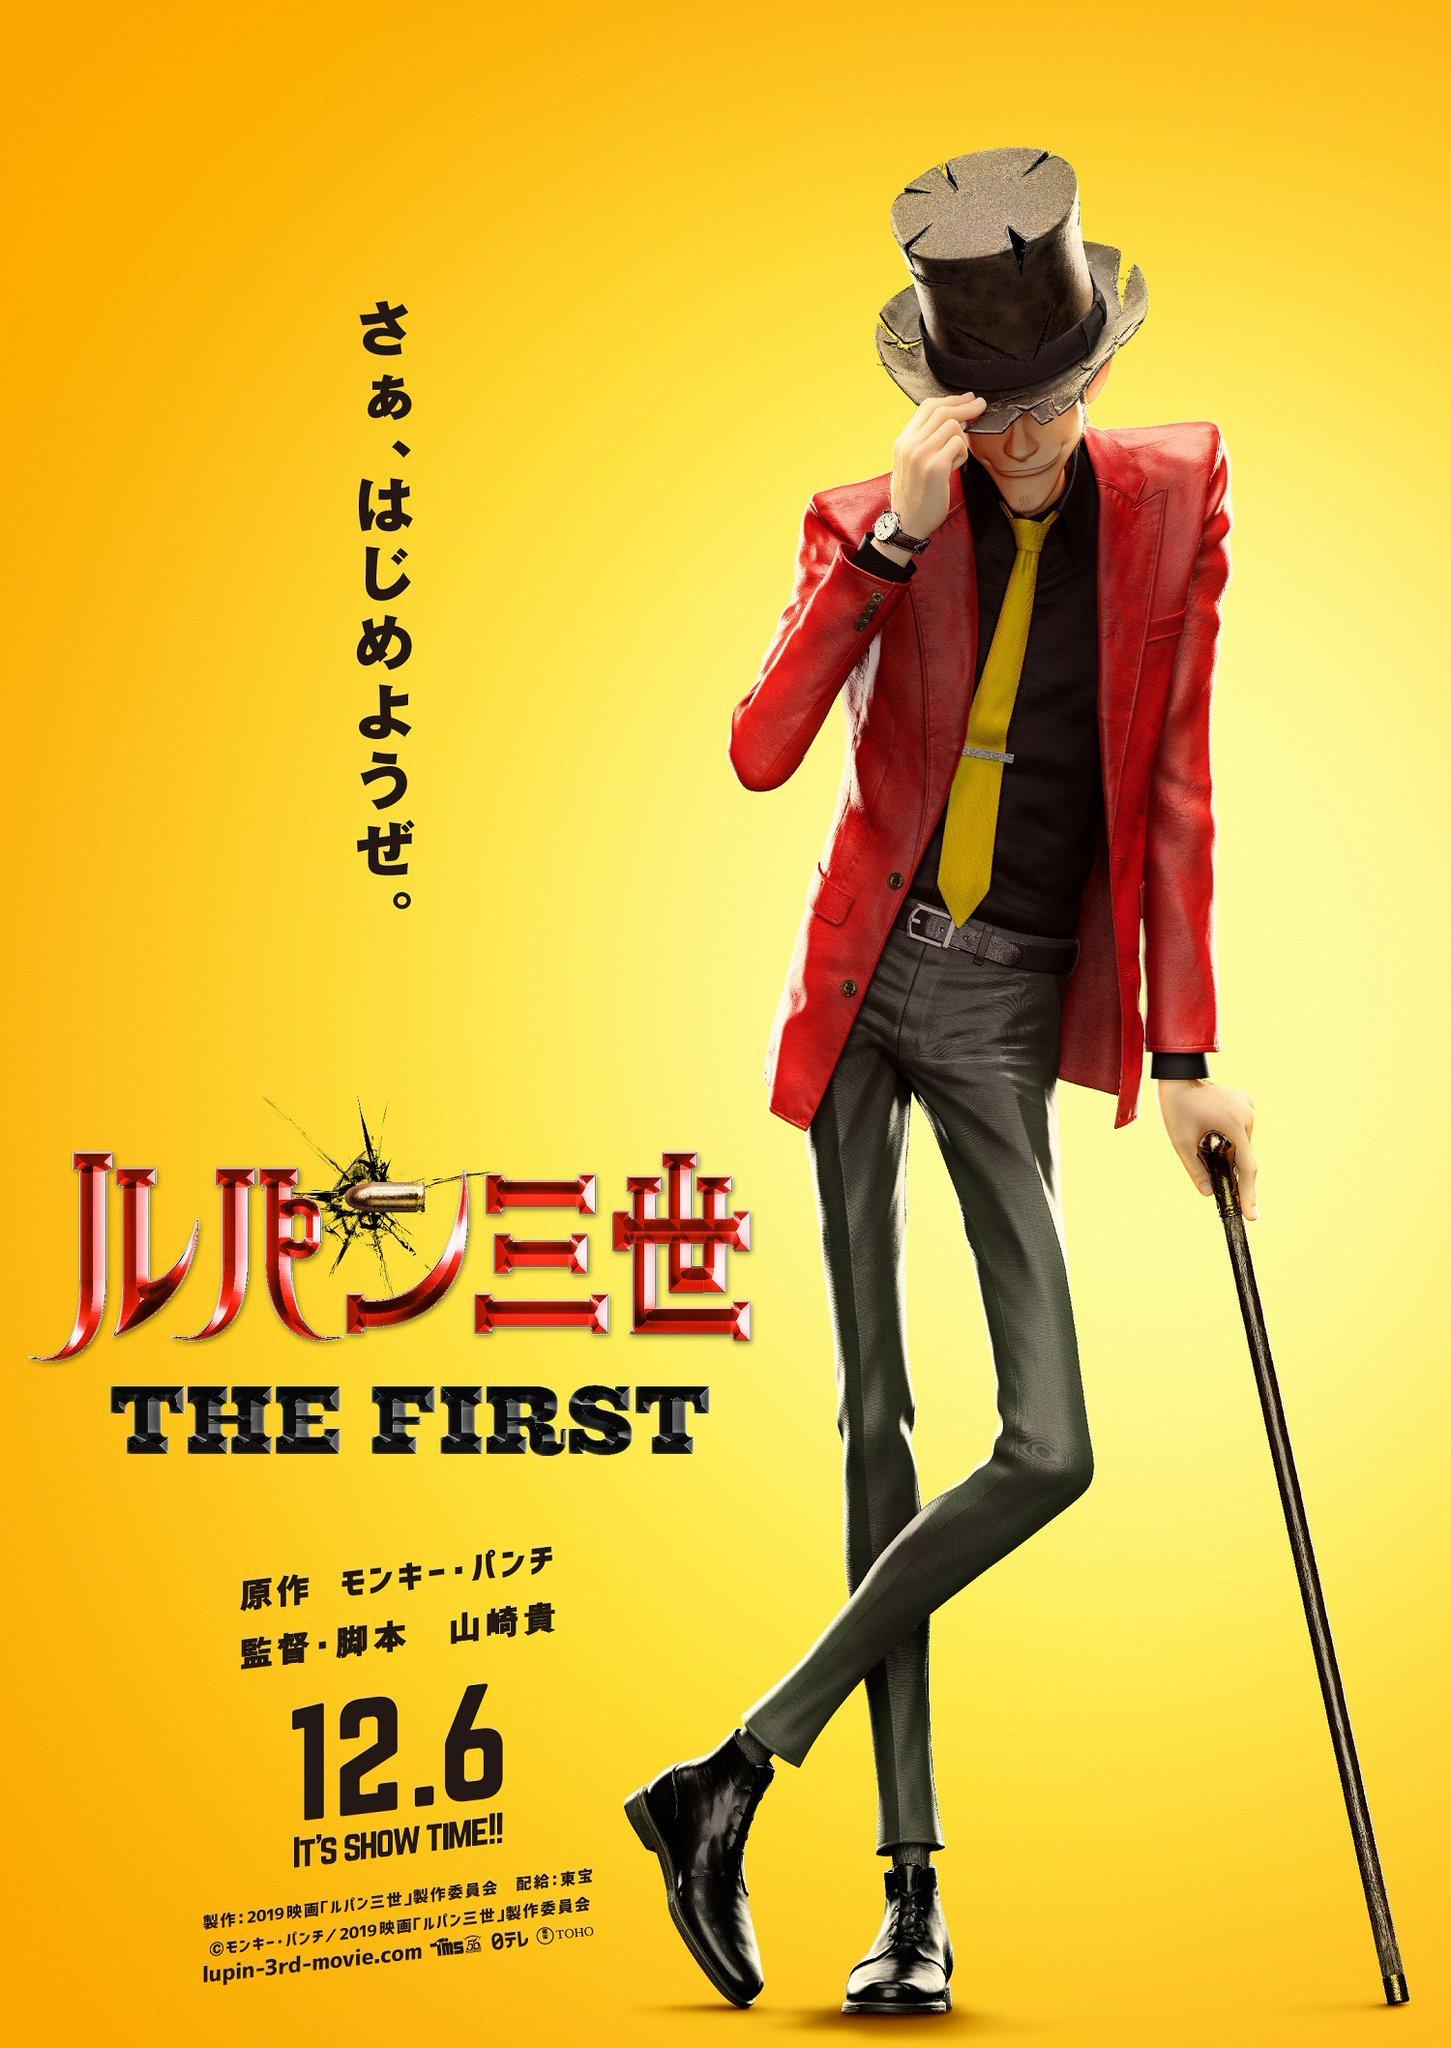 《鲁邦三世 The First》推出3DCG大电影 12月6日上映